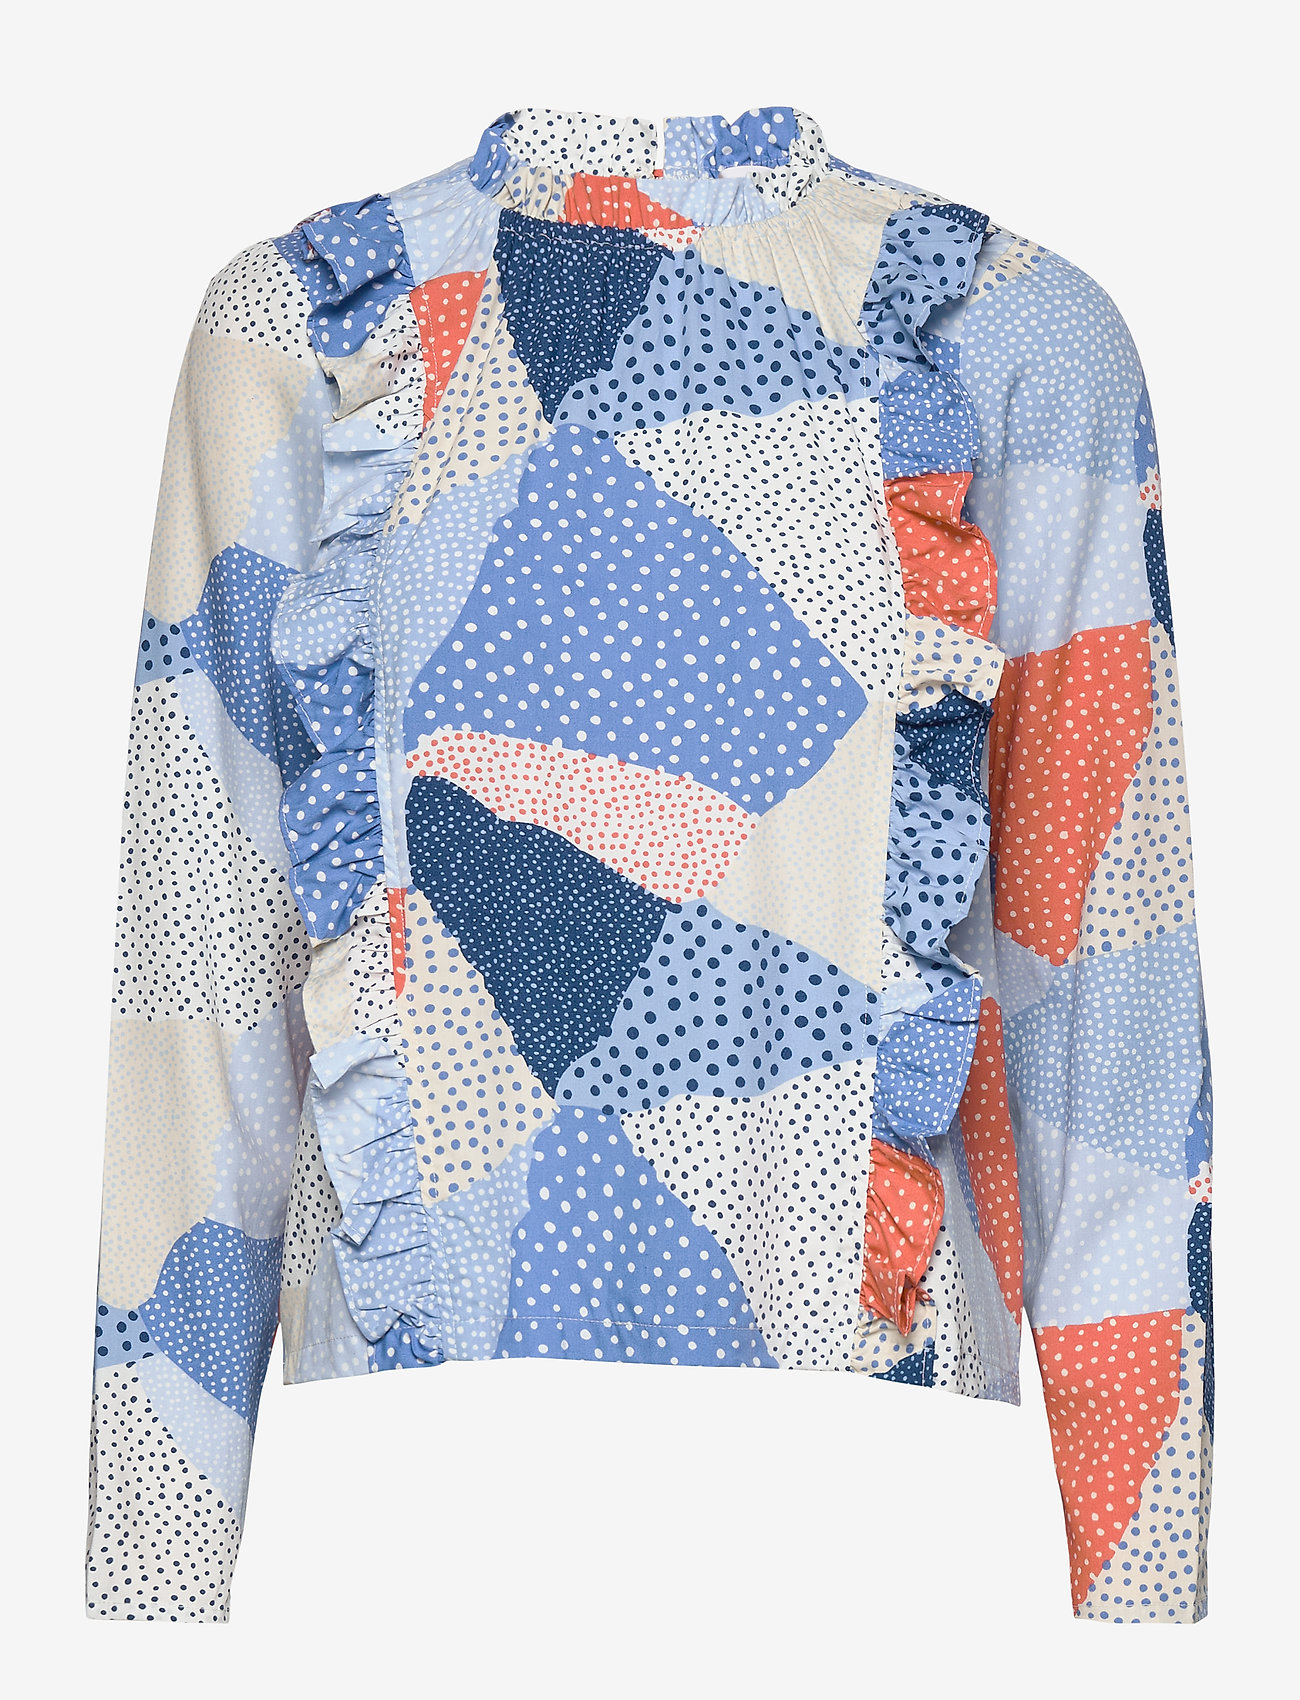 Storm & Marie Topi Blouse - Bluser & Skjorter BLUE DOT MIX - Dameklær Spesialtilbud